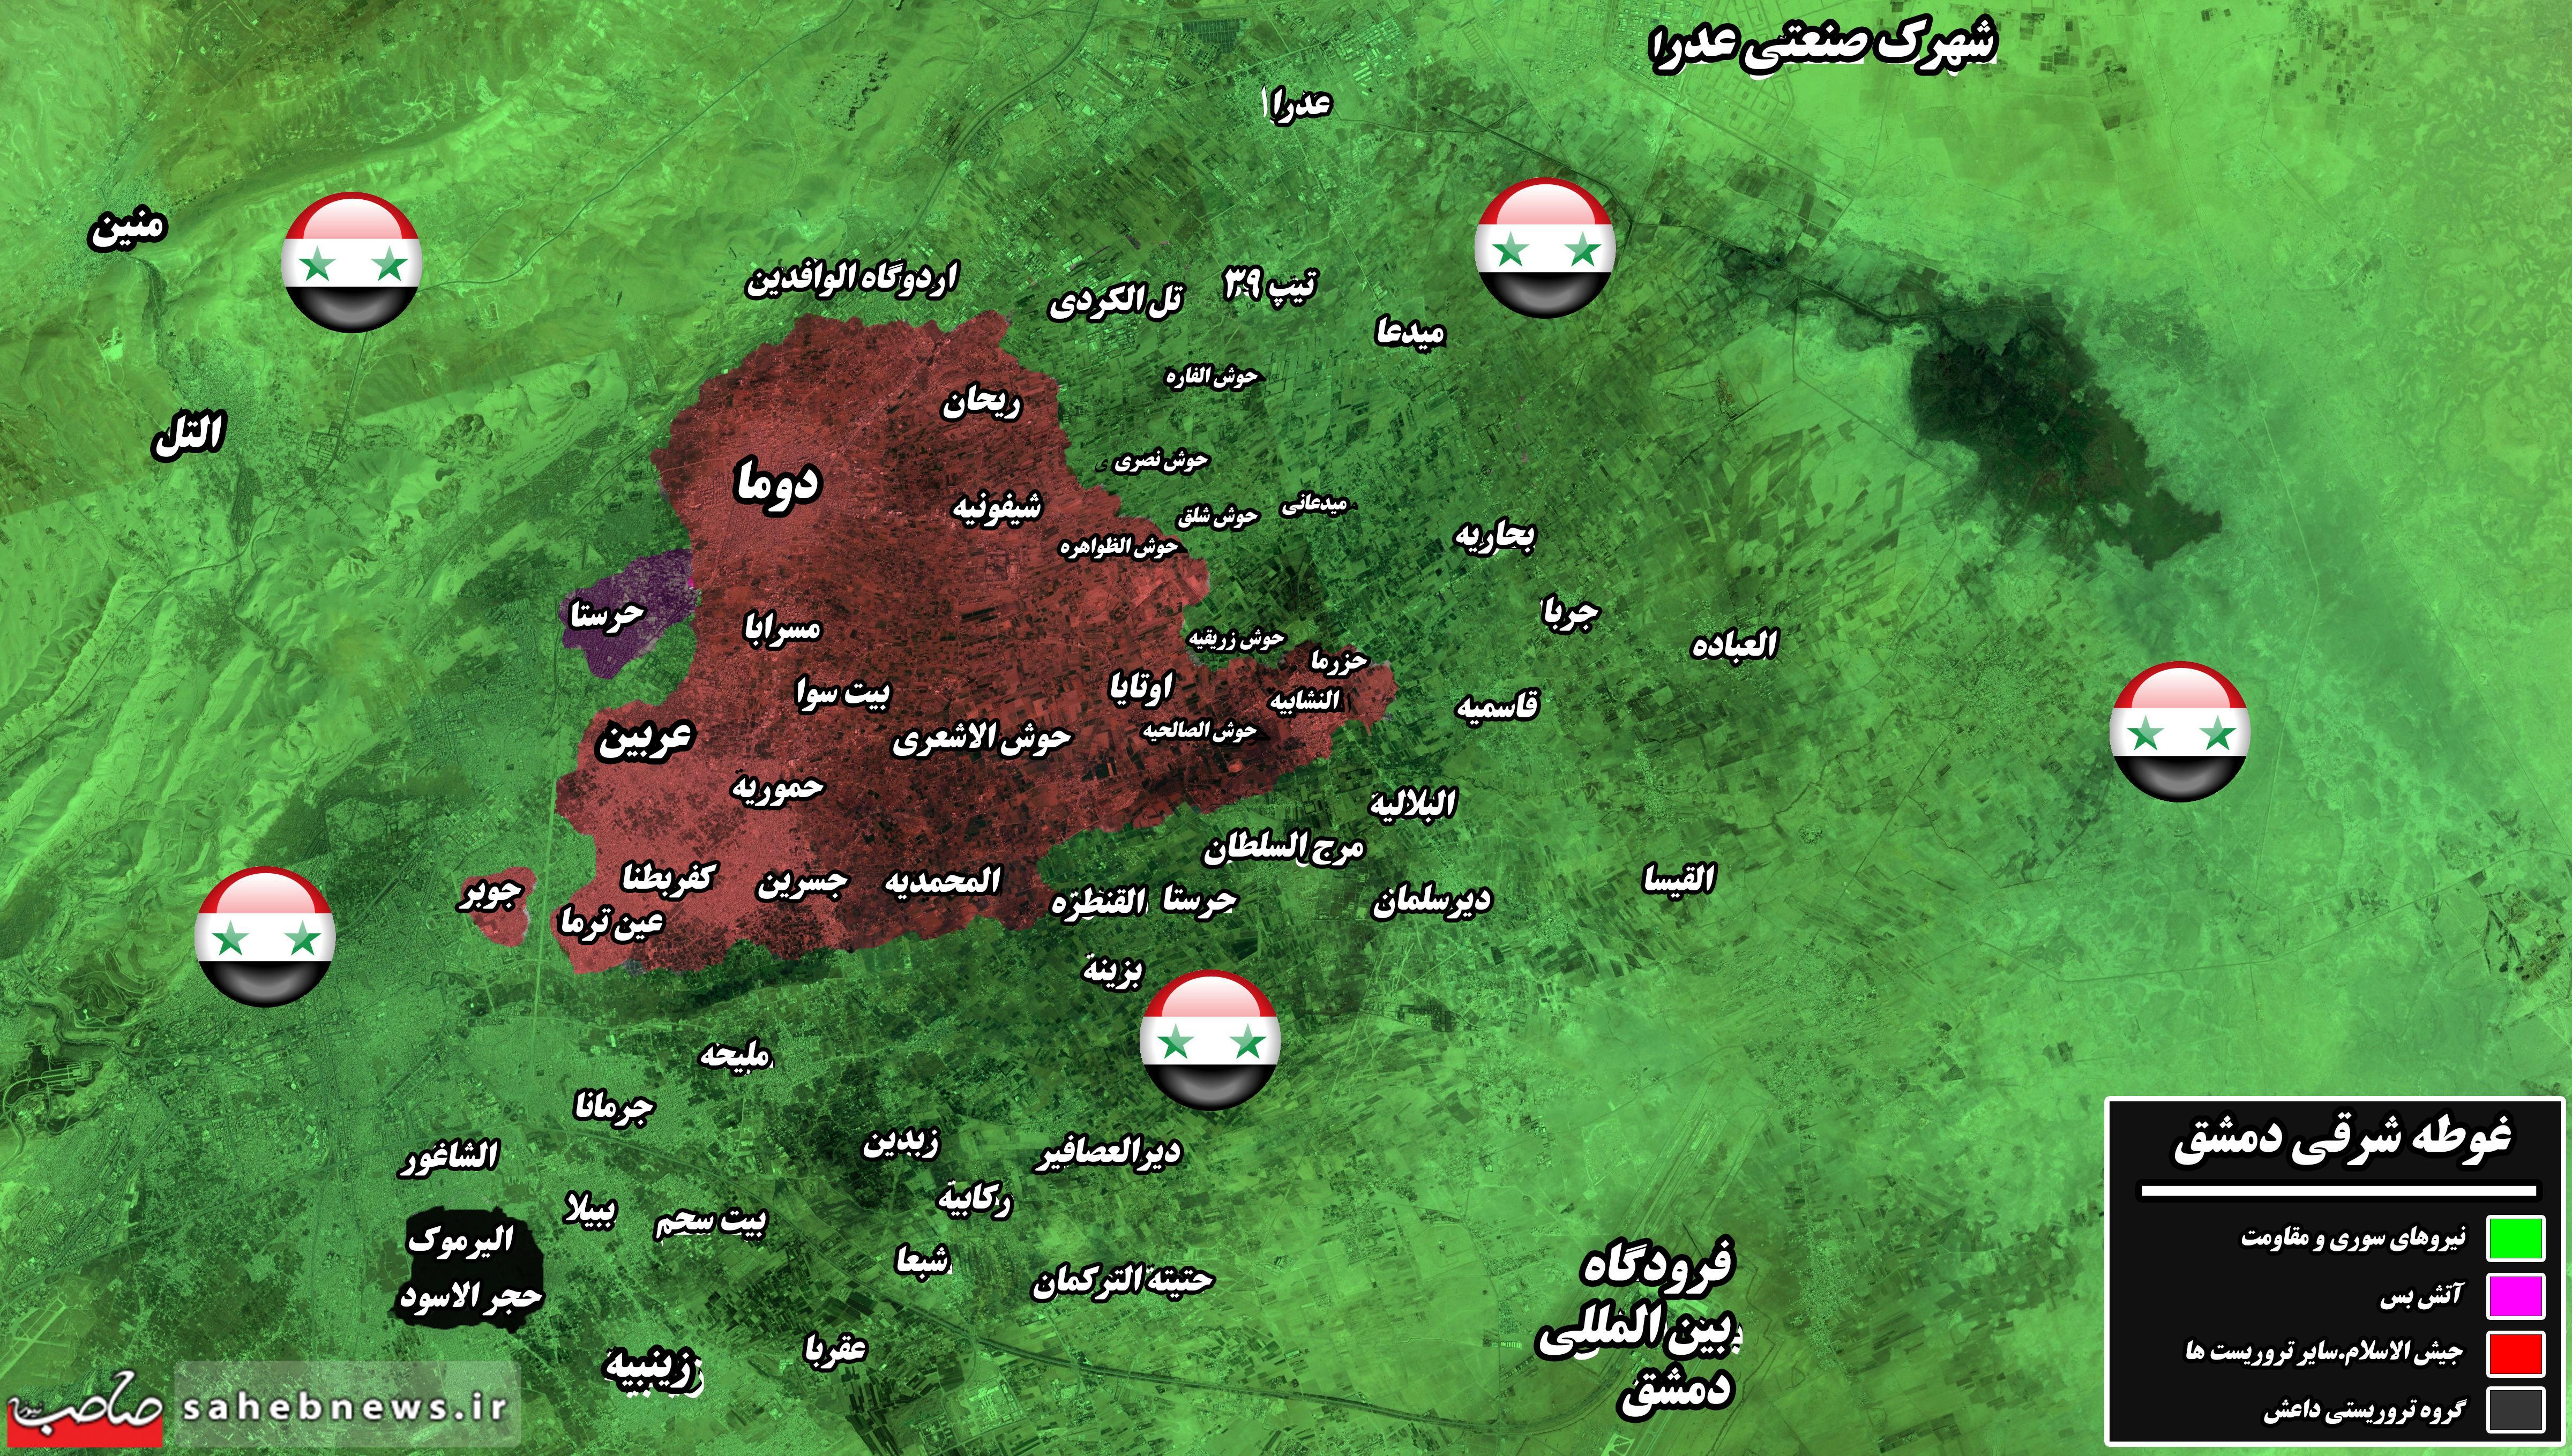 غوطه-شرقی44444-2